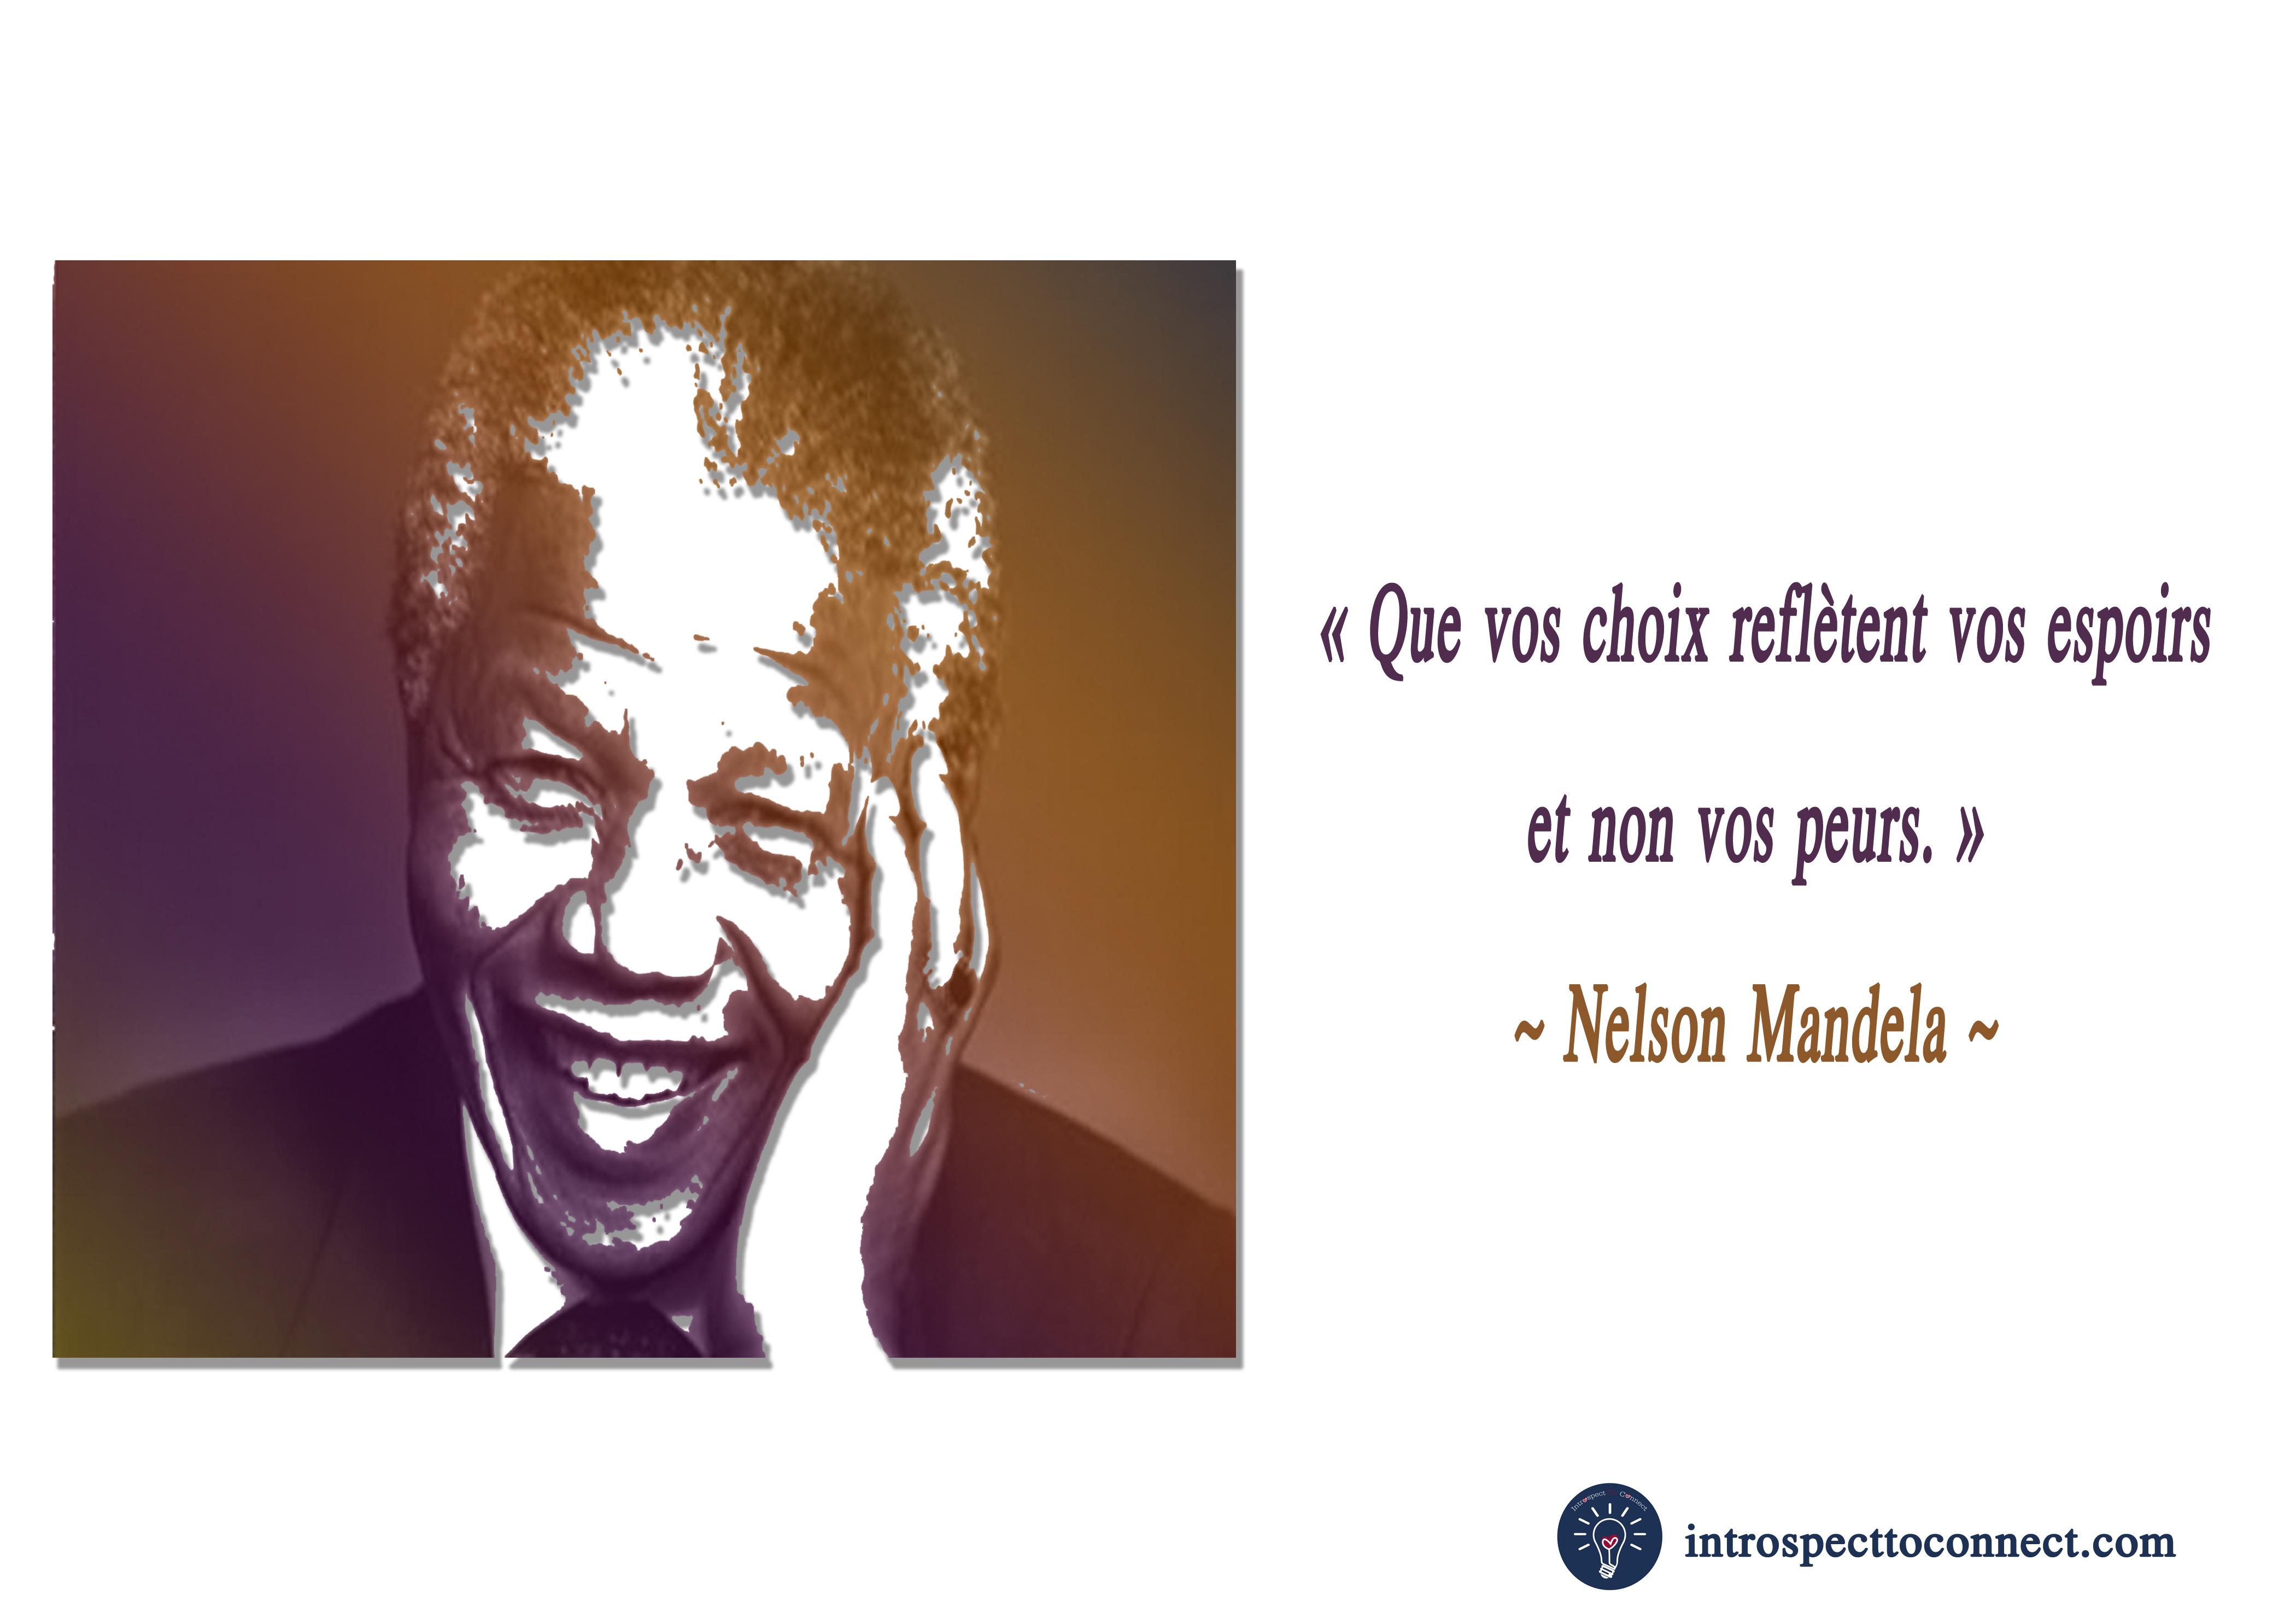 Mandela citation copie